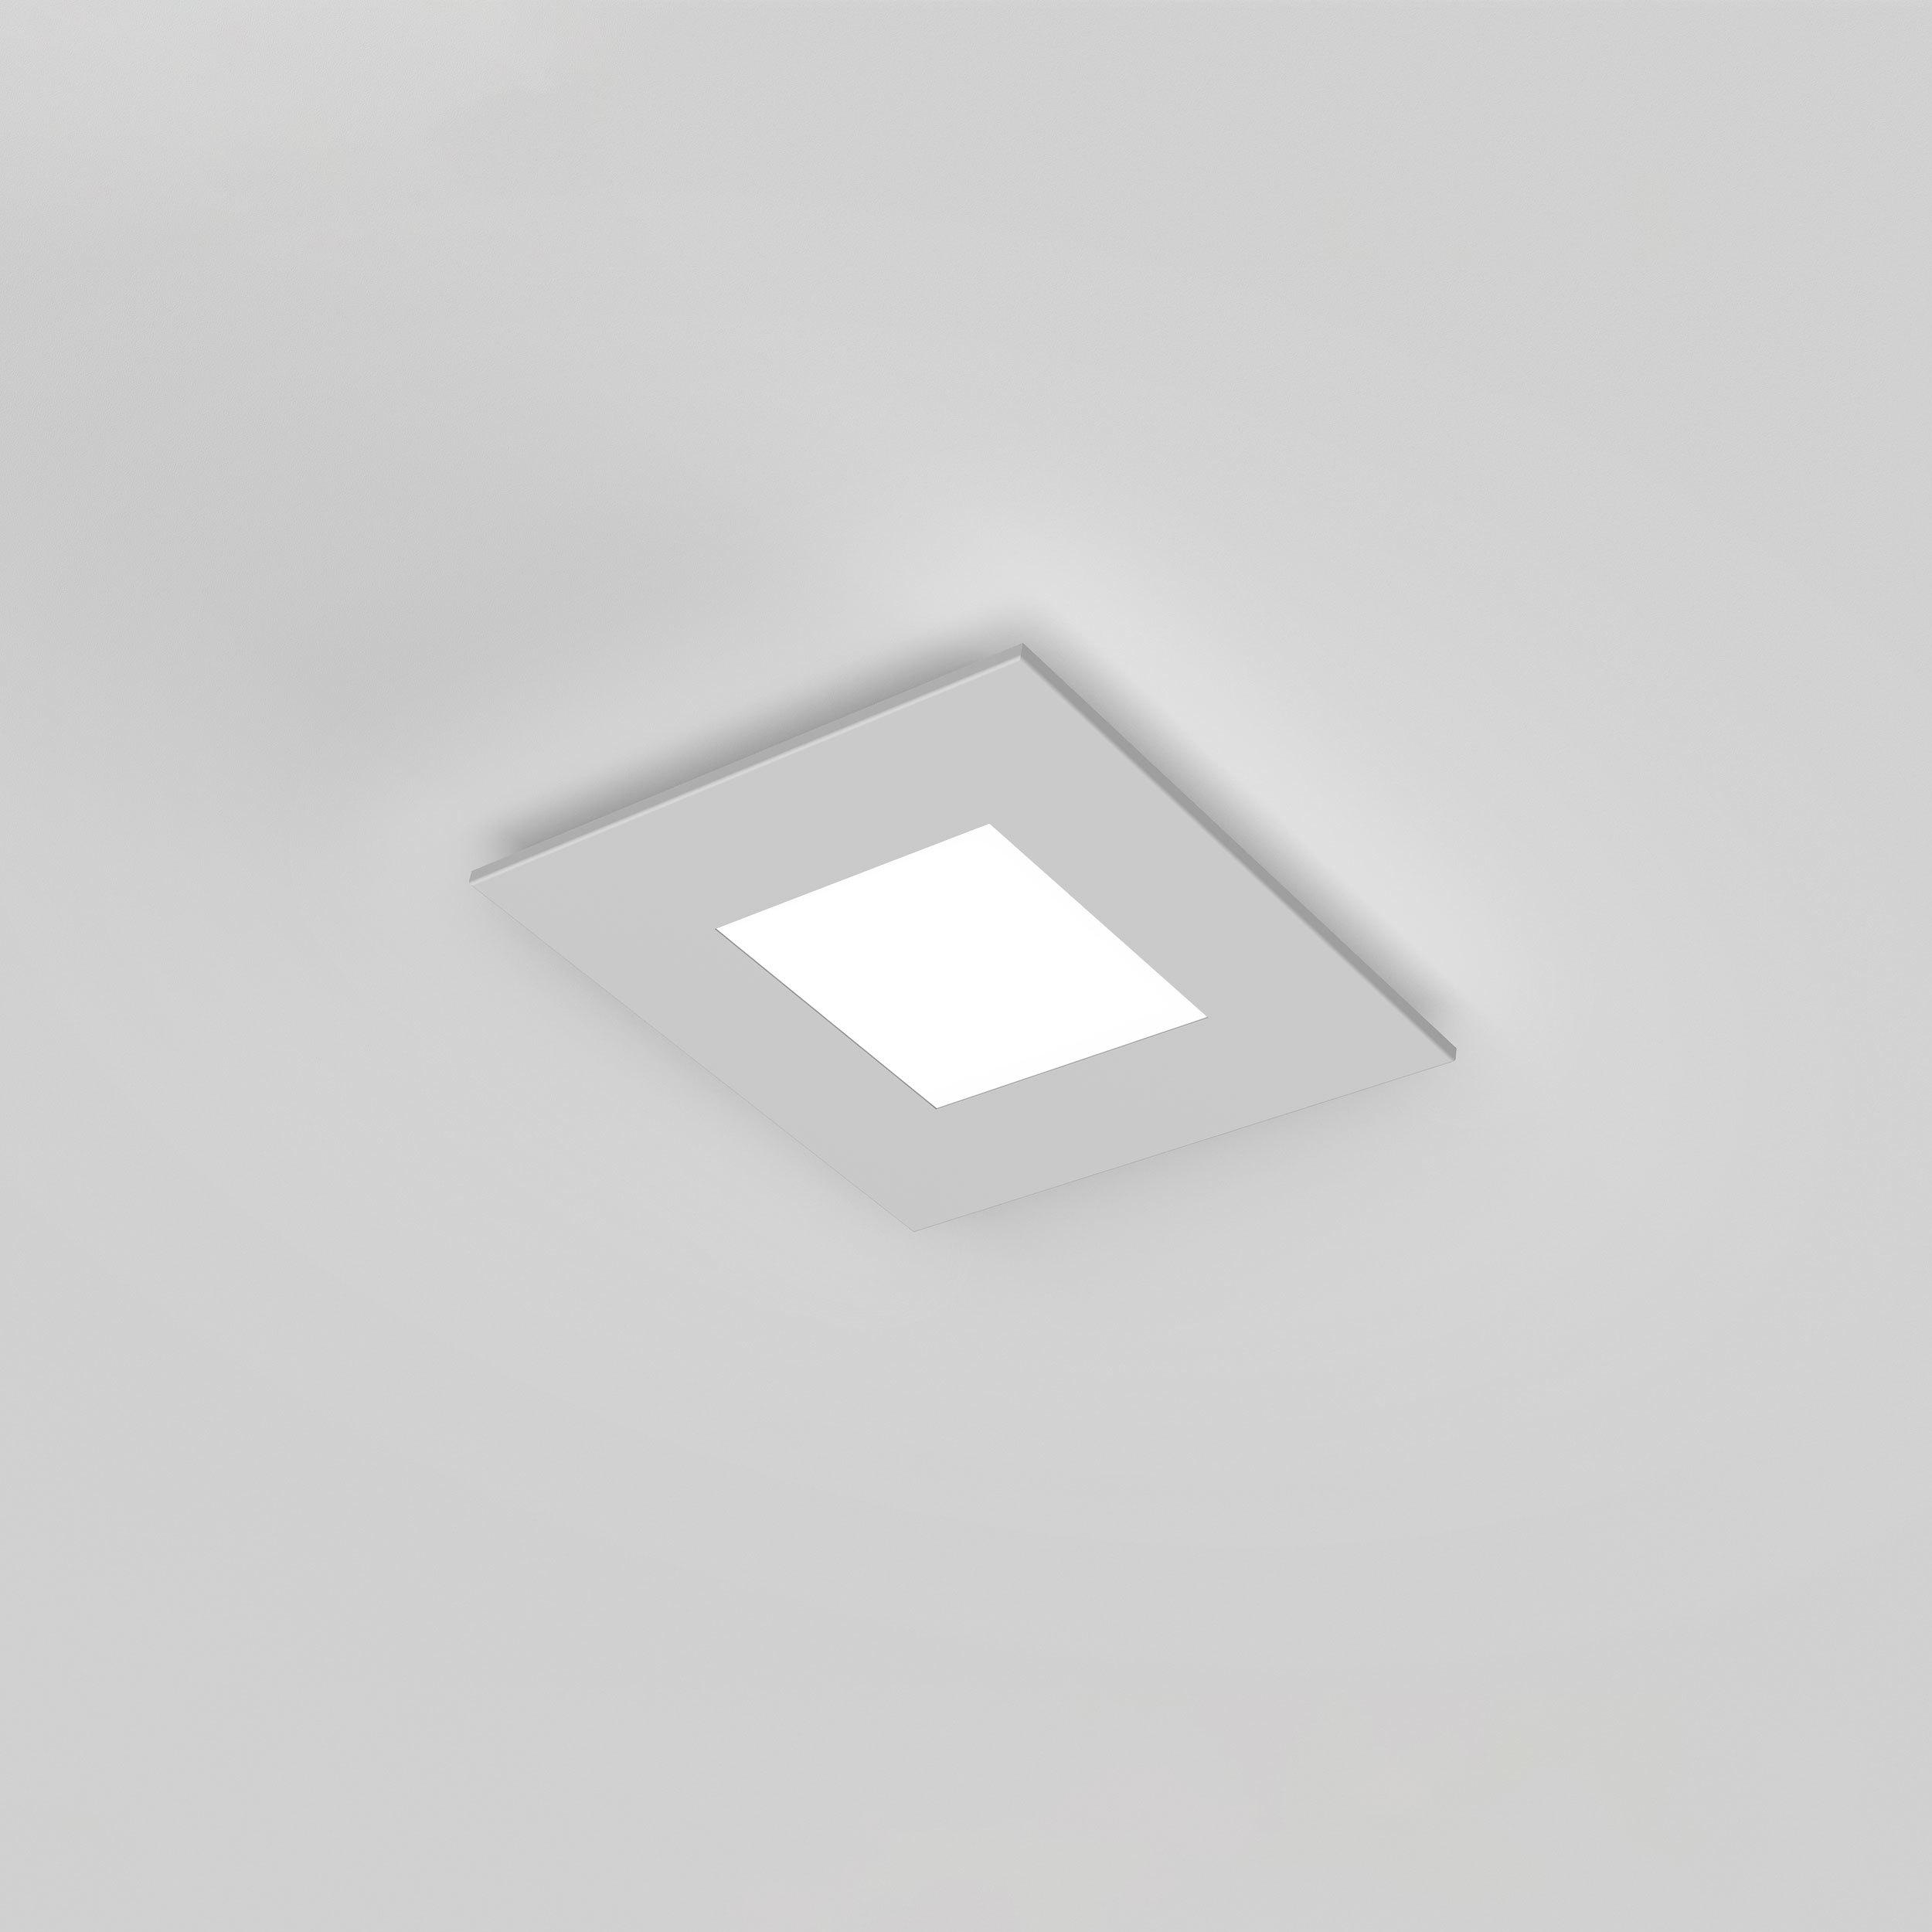 Потолочный светодиодный светильник Astro Zero 1382001 (7419), LED 15,4W 2700K 806.6lm CRI>80, белый, металл со стеклом/пластиком, пластик - фото 1